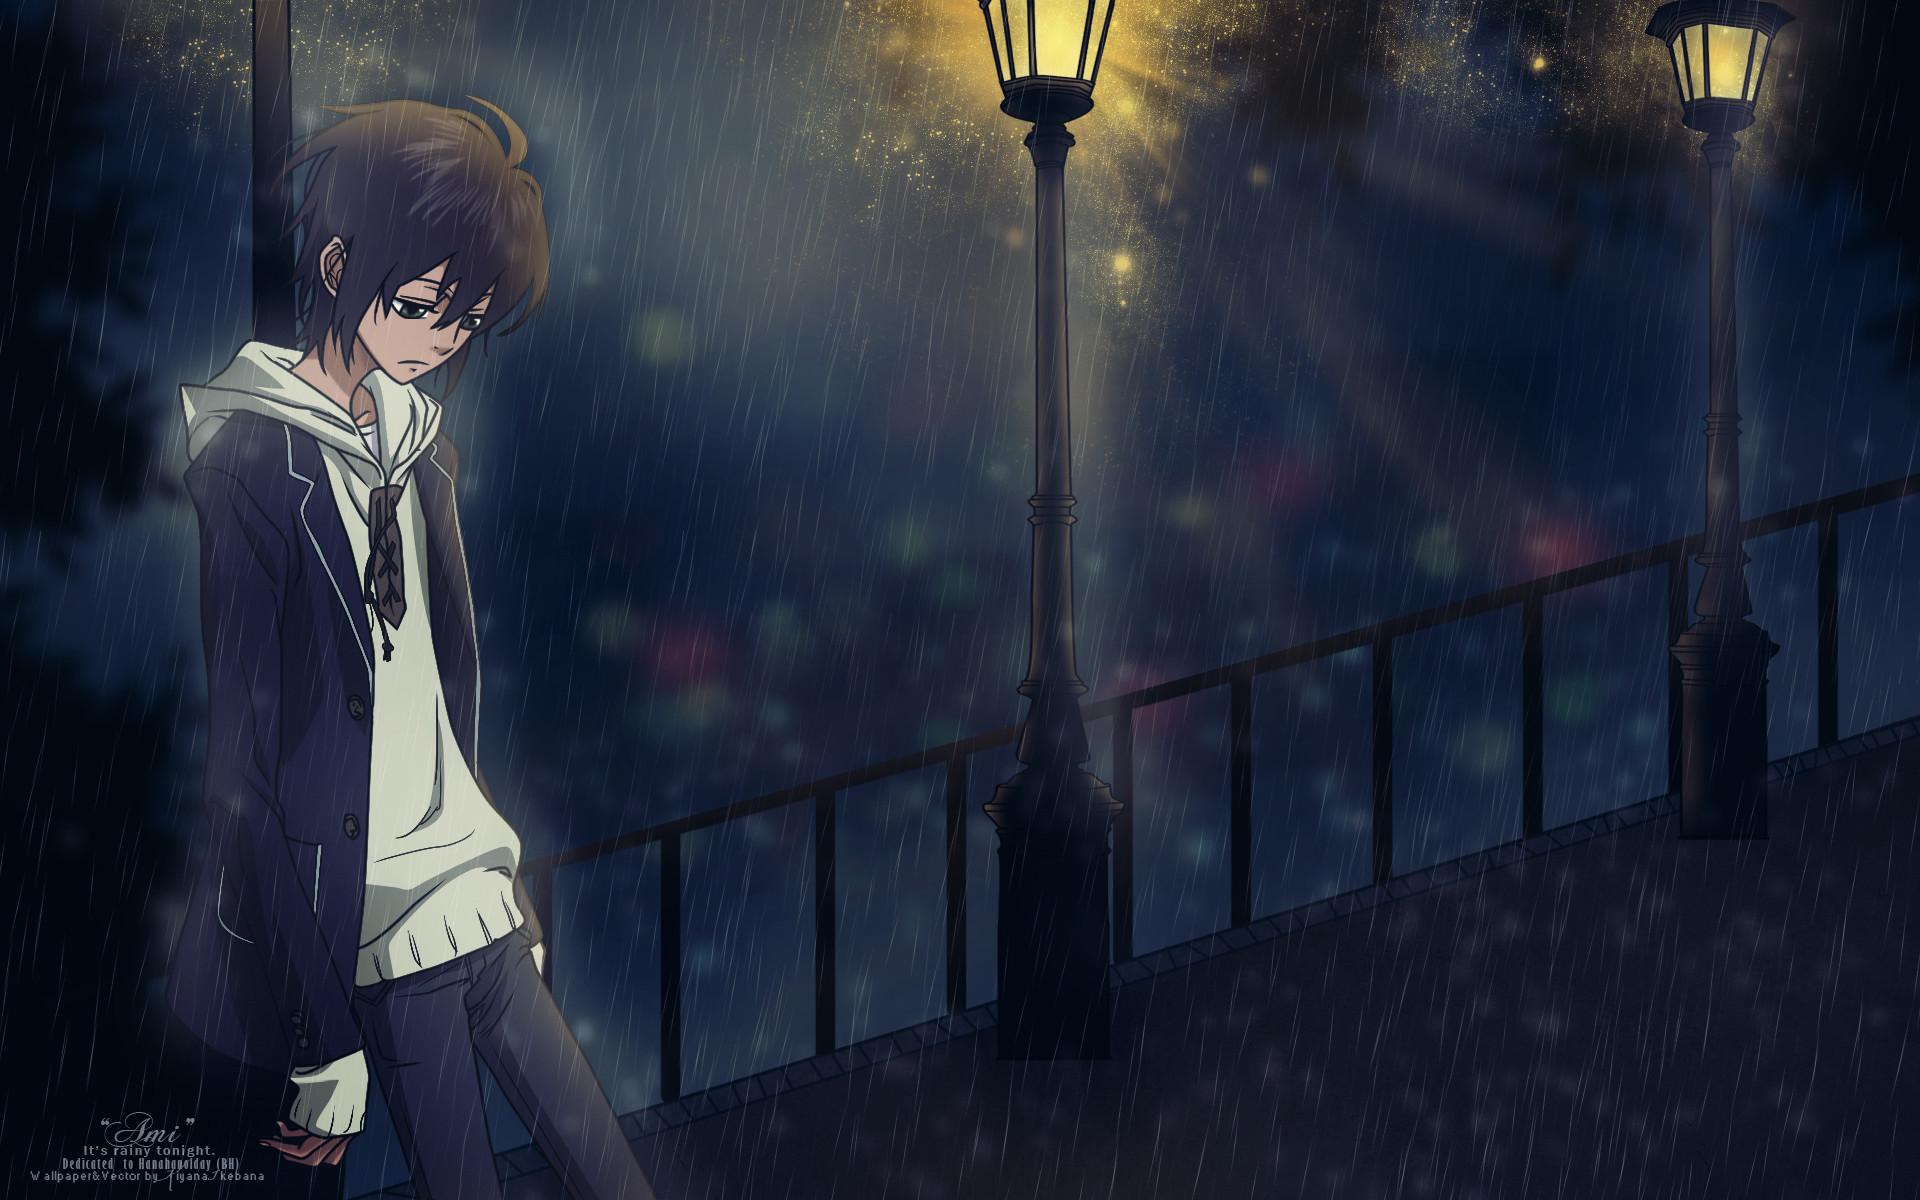 Hình ảnh Anime buồn đẹp nhất